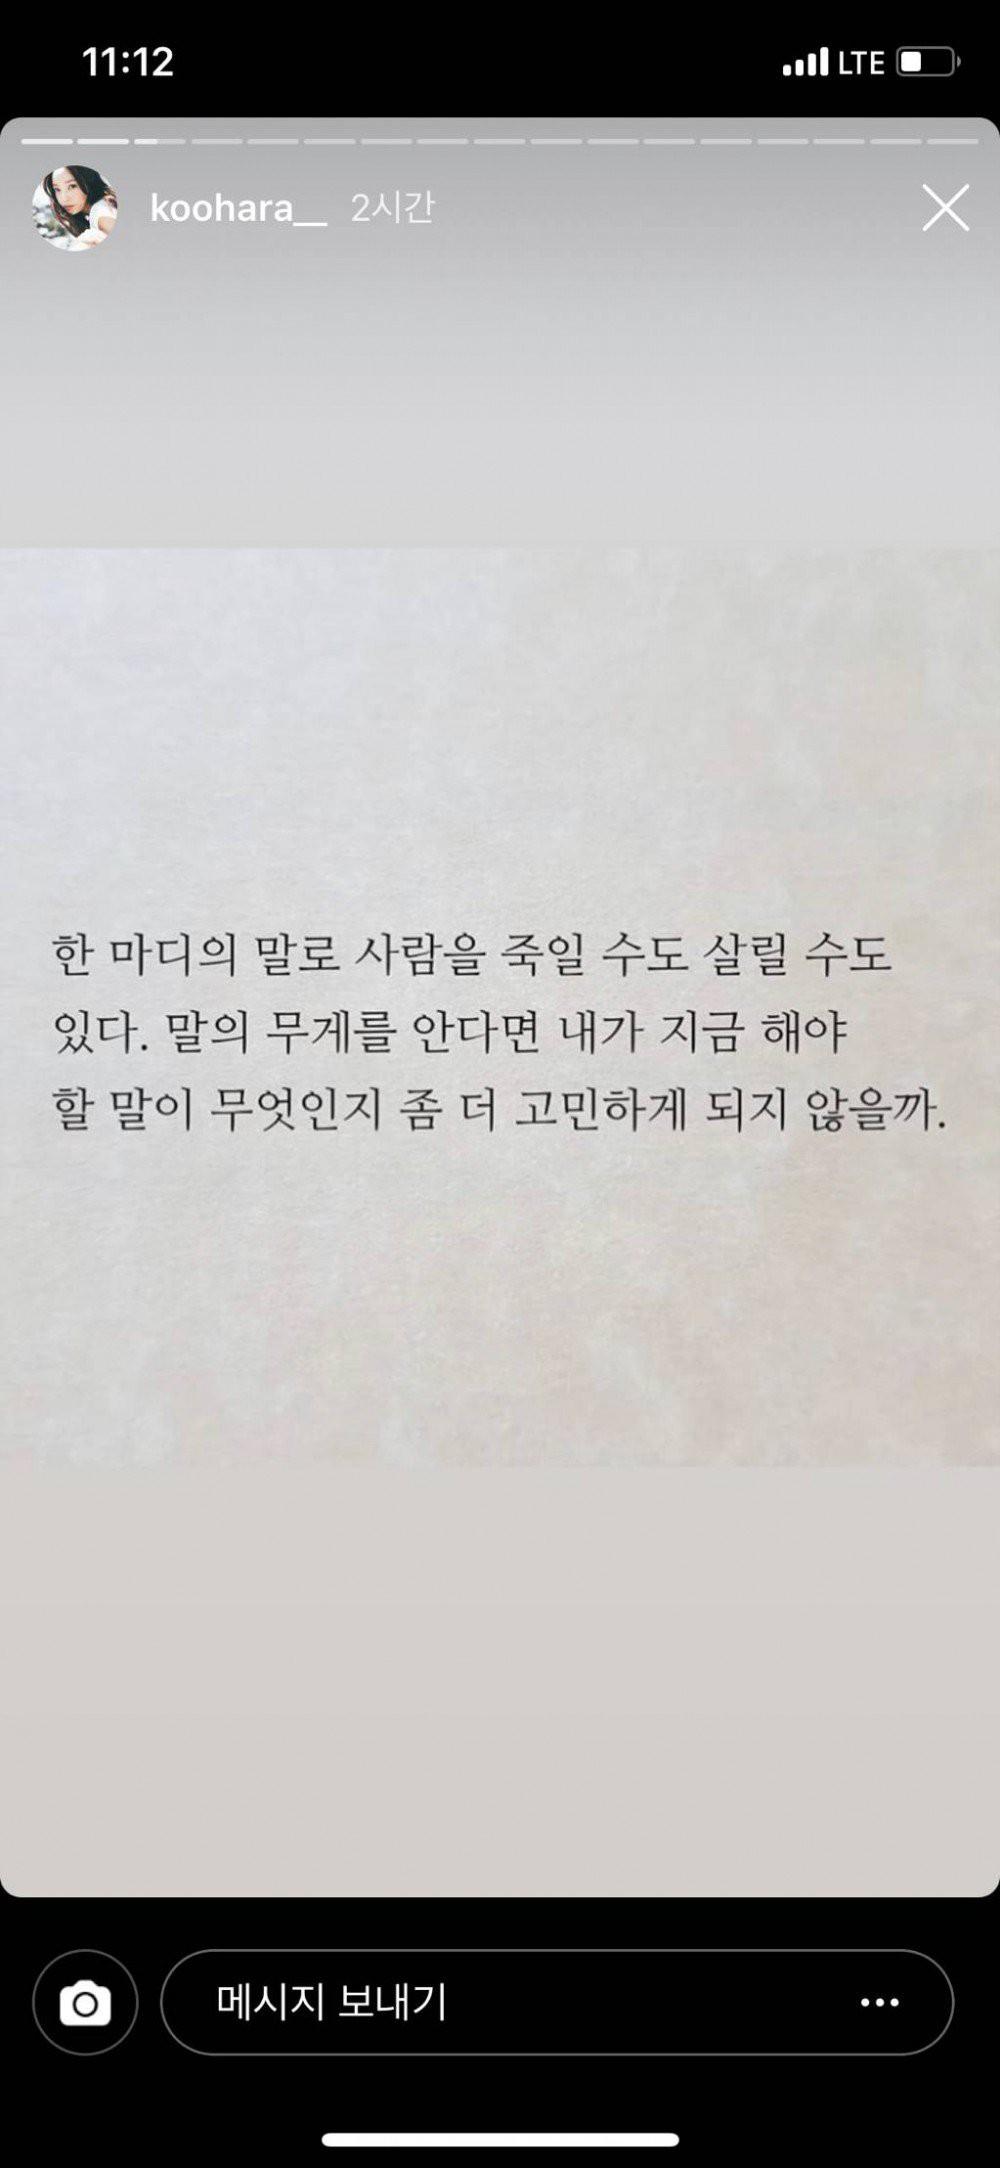 Nguyên nhân dẫn đến ý định tự tử của Goo Hara nằm hết trong loạt thông điệp đầy đau đớn sau đây - Ảnh 6.